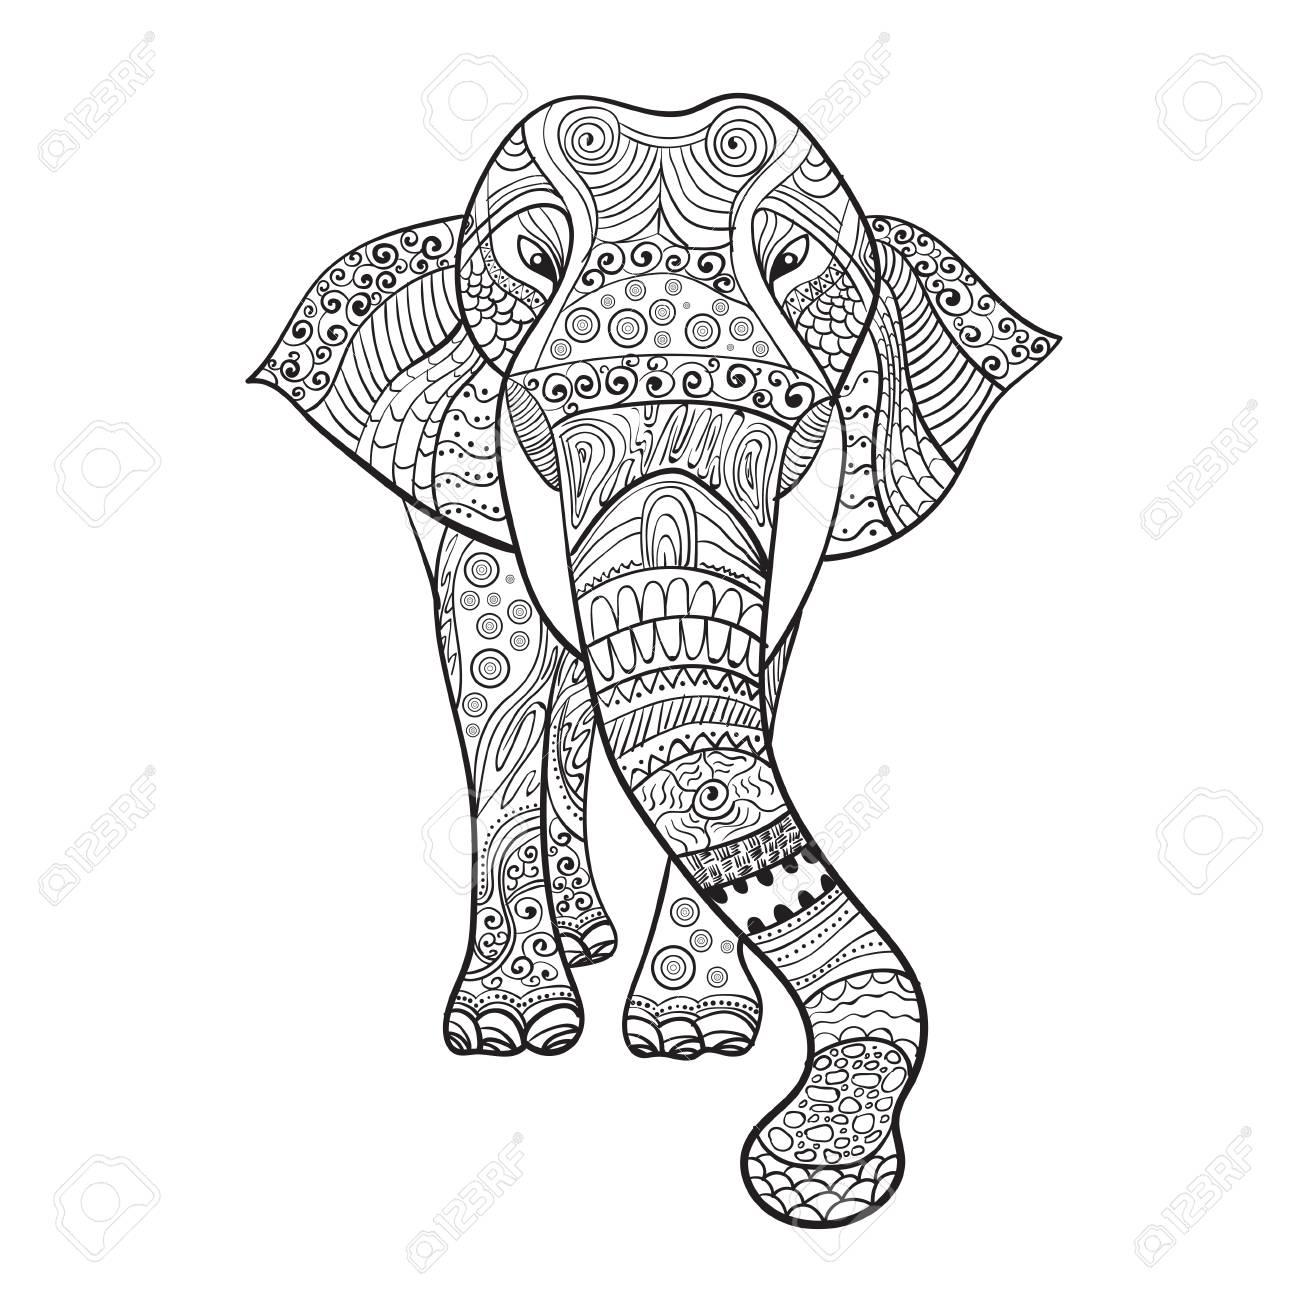 Elaphant Zentangle Animal Para Colorear Ilustración Vectorial Libro ...